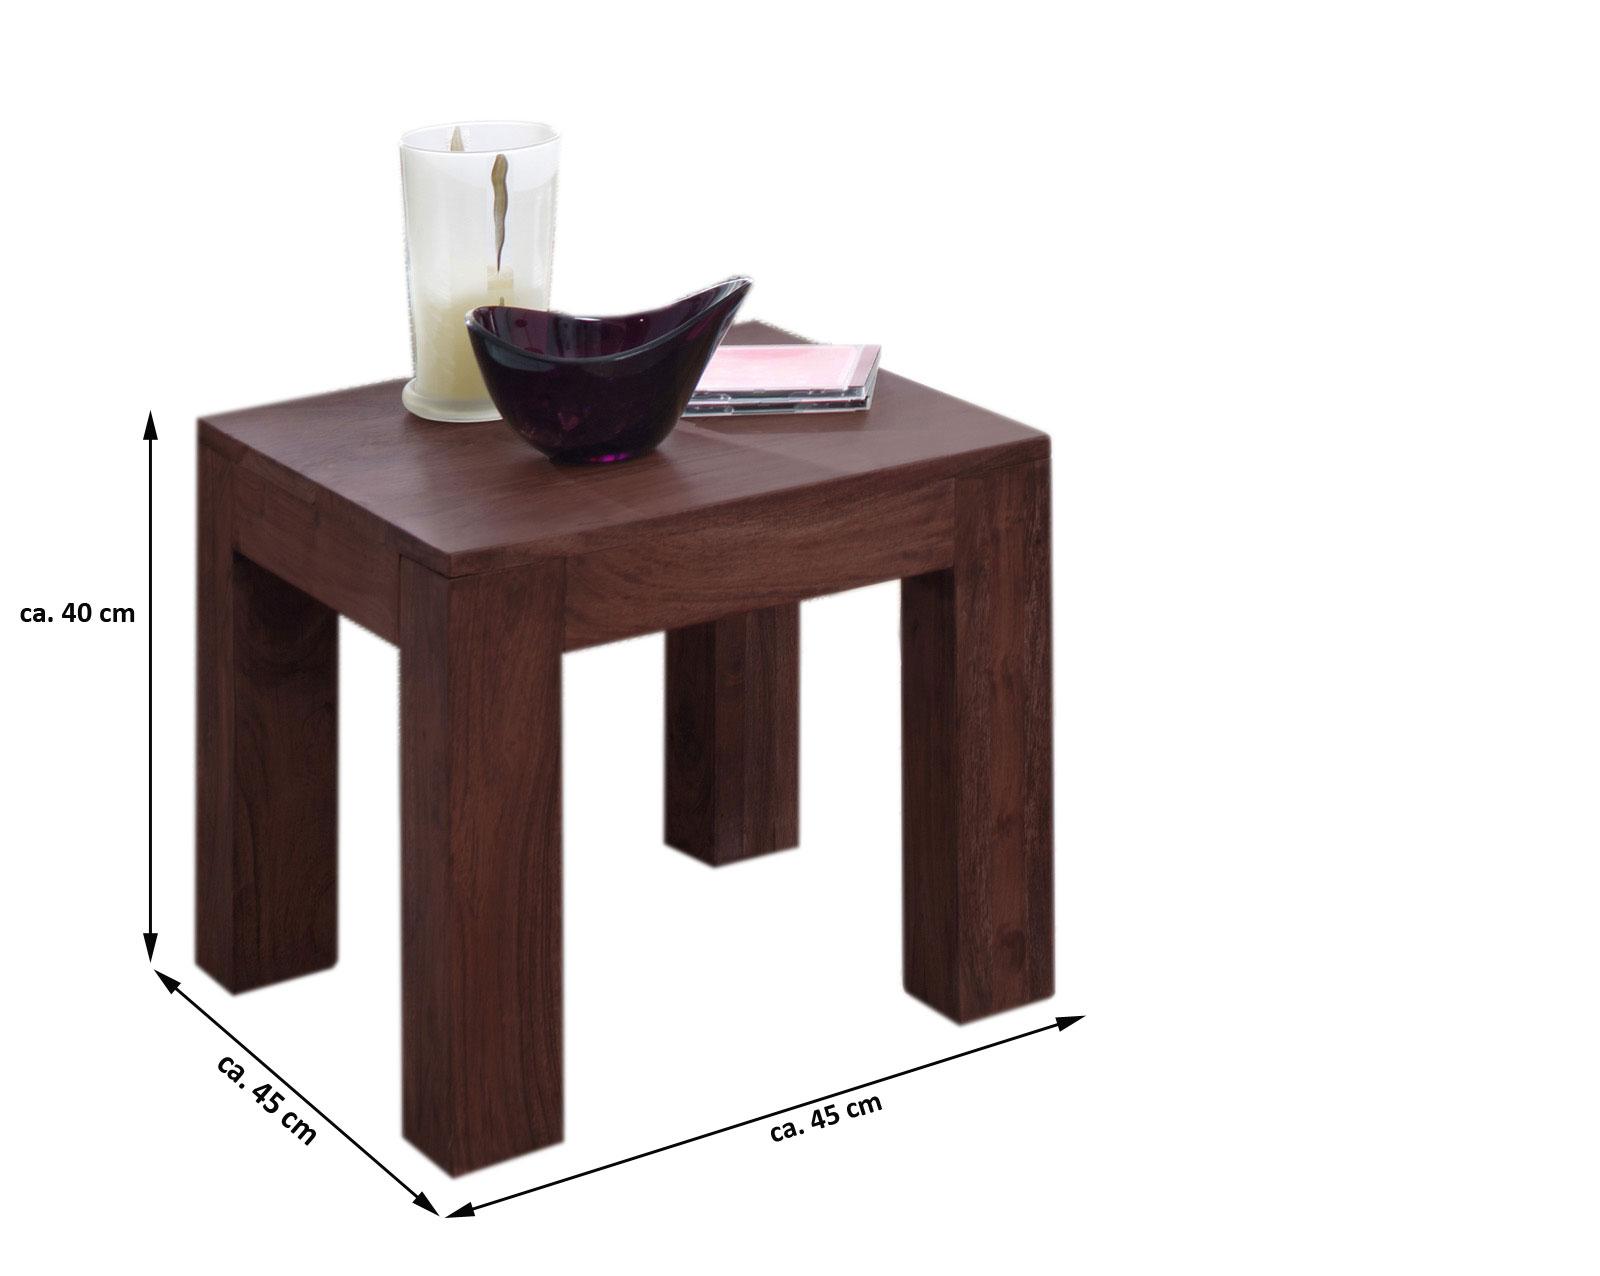 Sale Couchtisch Akazie Massiv Tabak 45 X 40 X 45 Cm Timber 6613